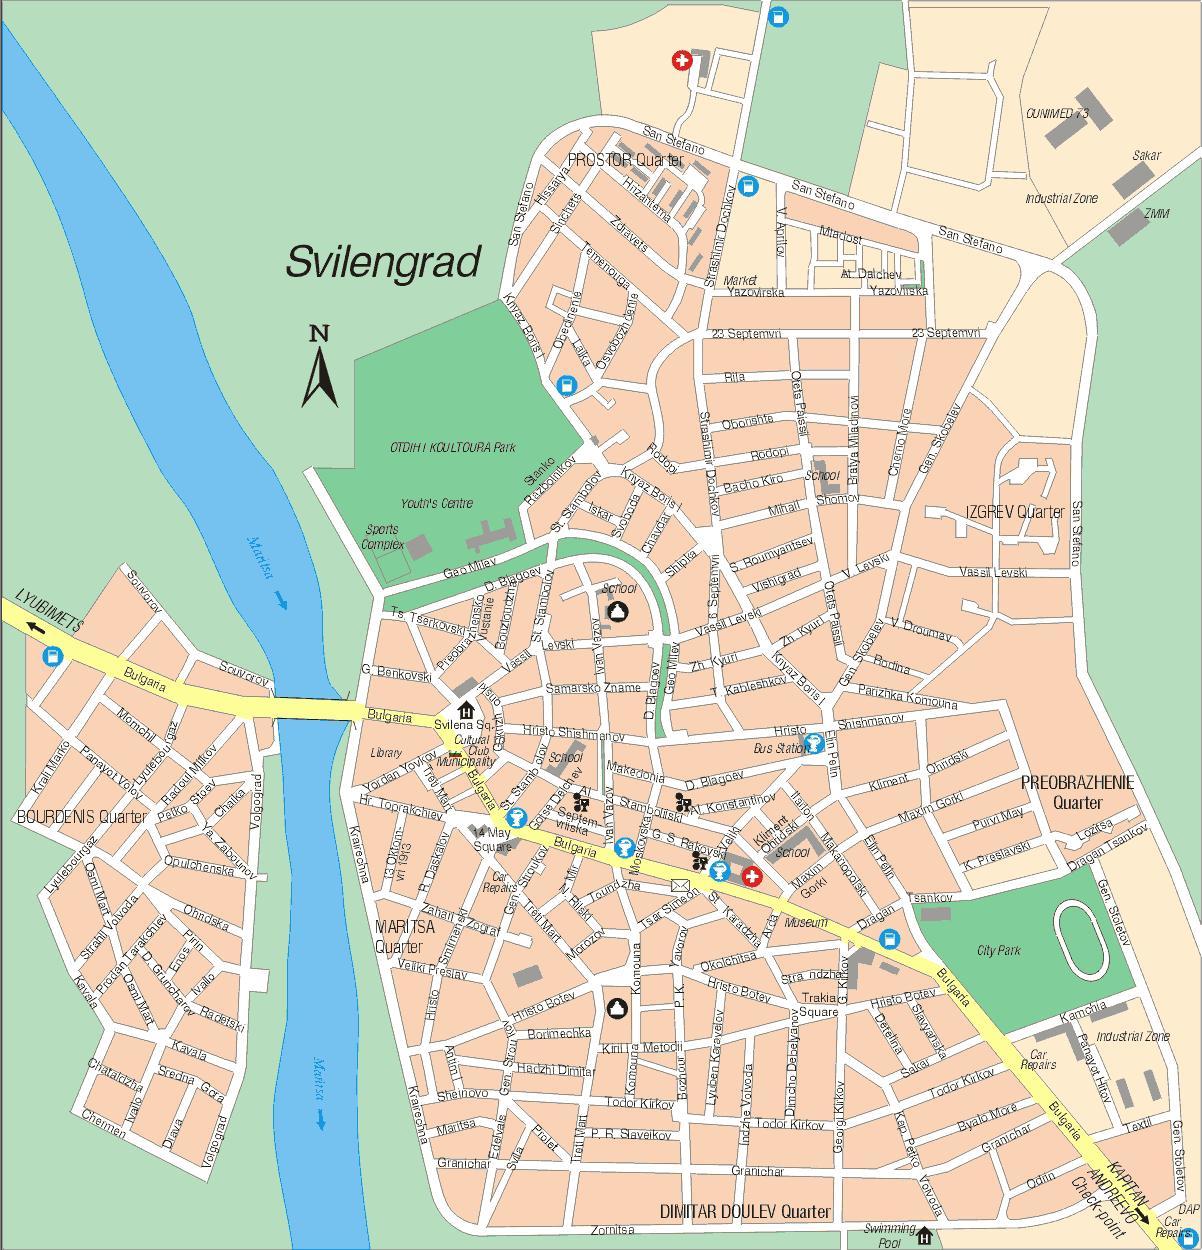 Karta Goroda Svilengrad 80 Haskovskaya Oblast Besplatno